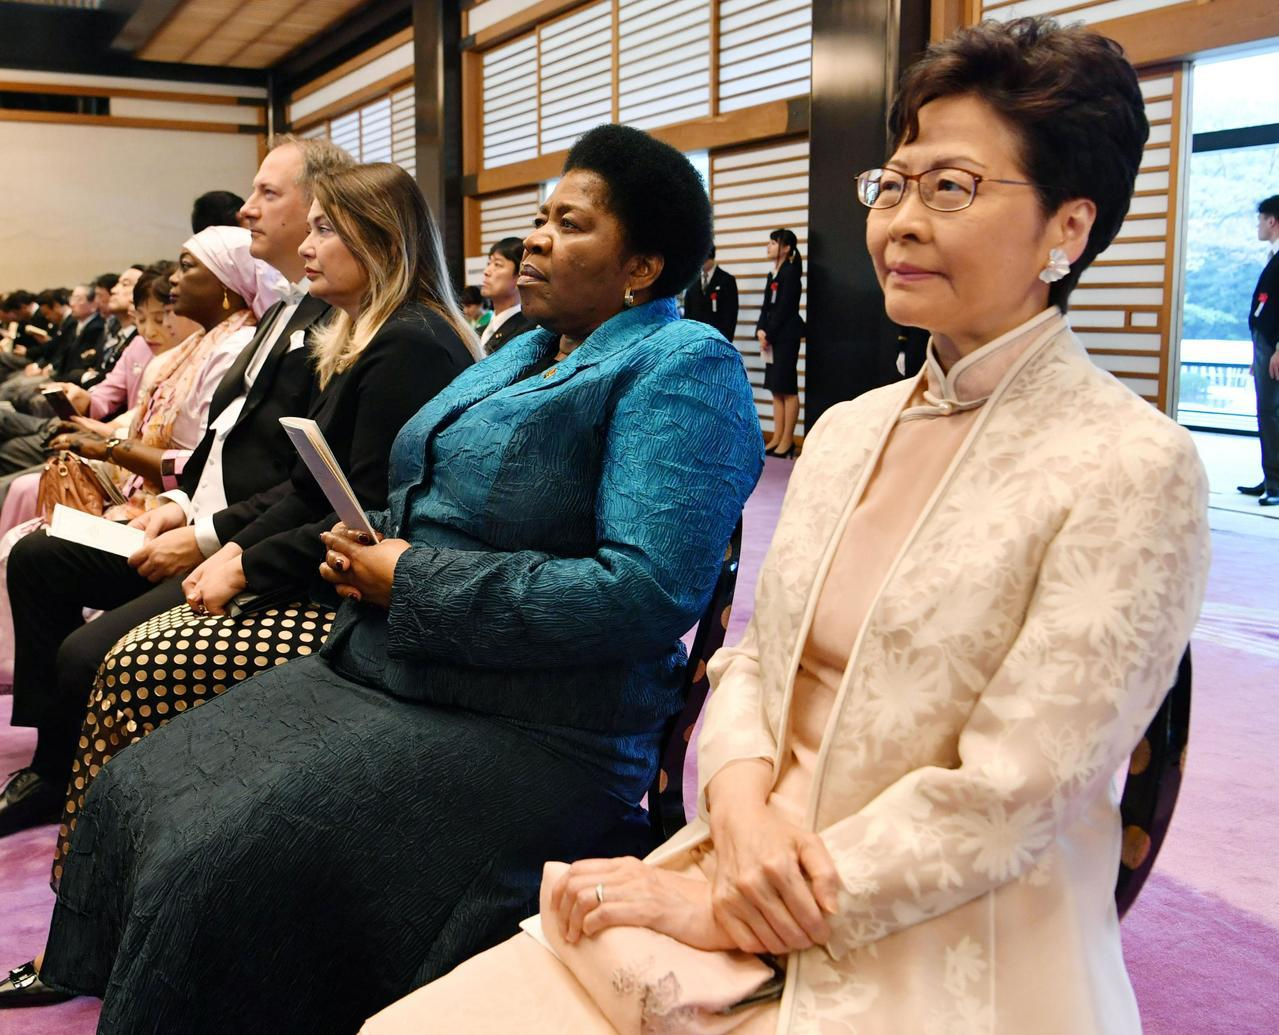 特首林鄭月娥昨天在東京出席日皇德仁登基典禮,被當地電視台拍到在觀禮期間滑手機,被...